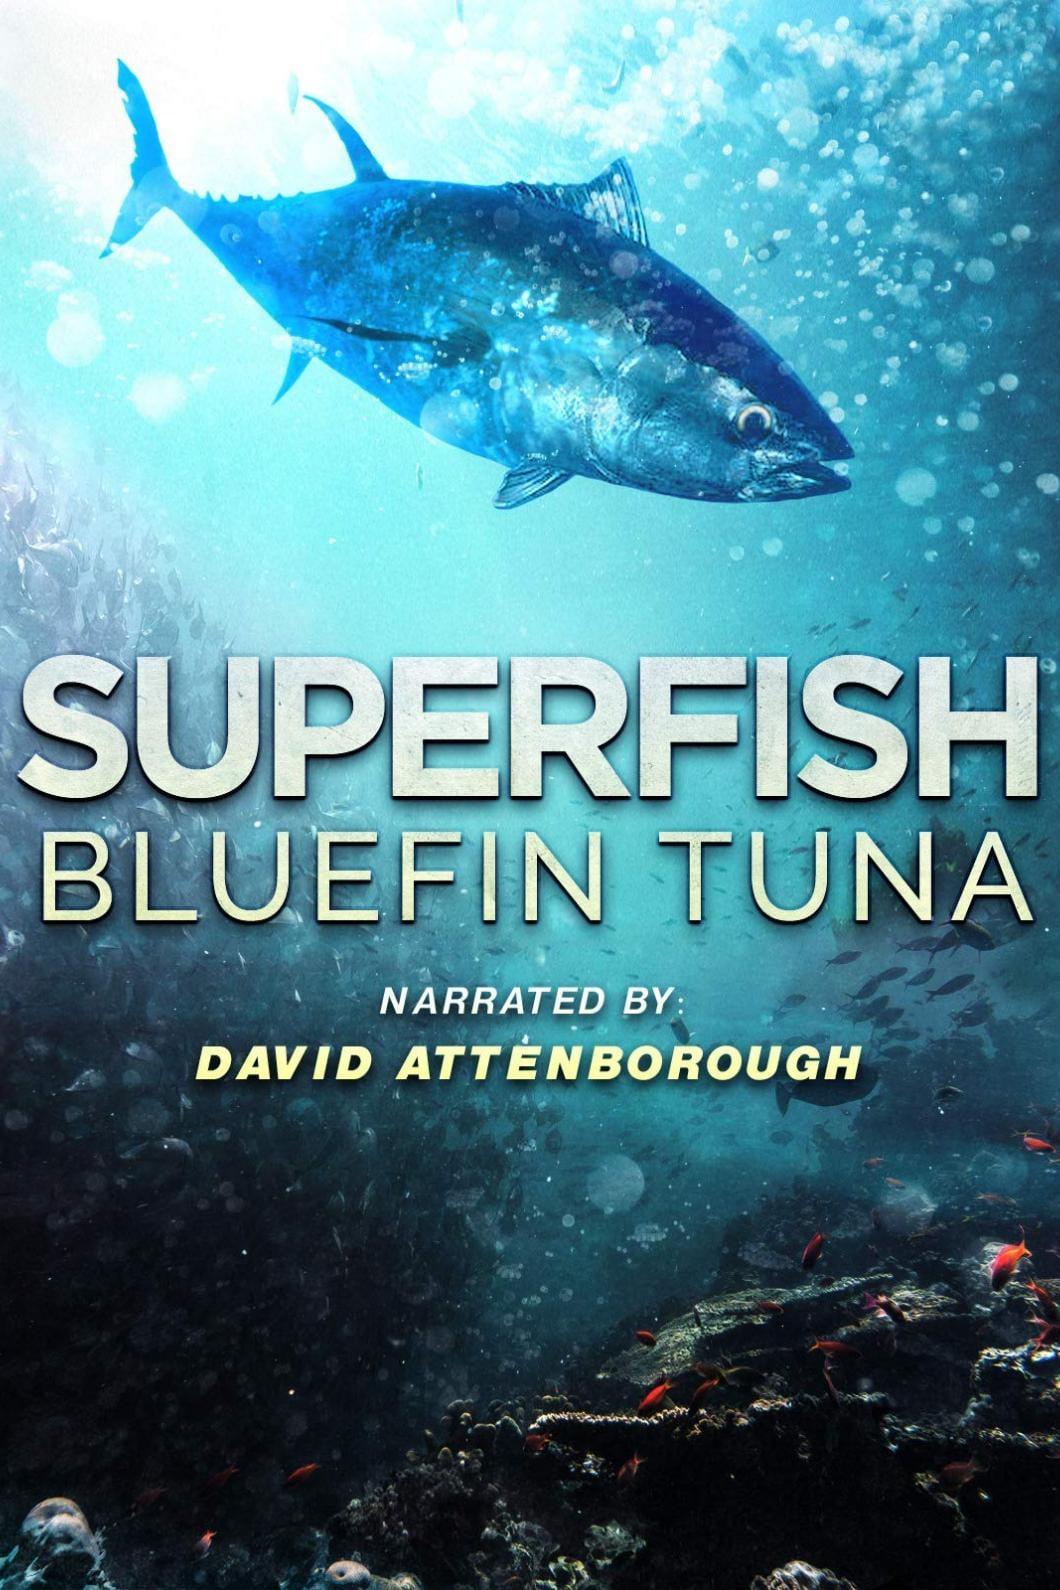 Superfish Bluefin Tuna (2012)